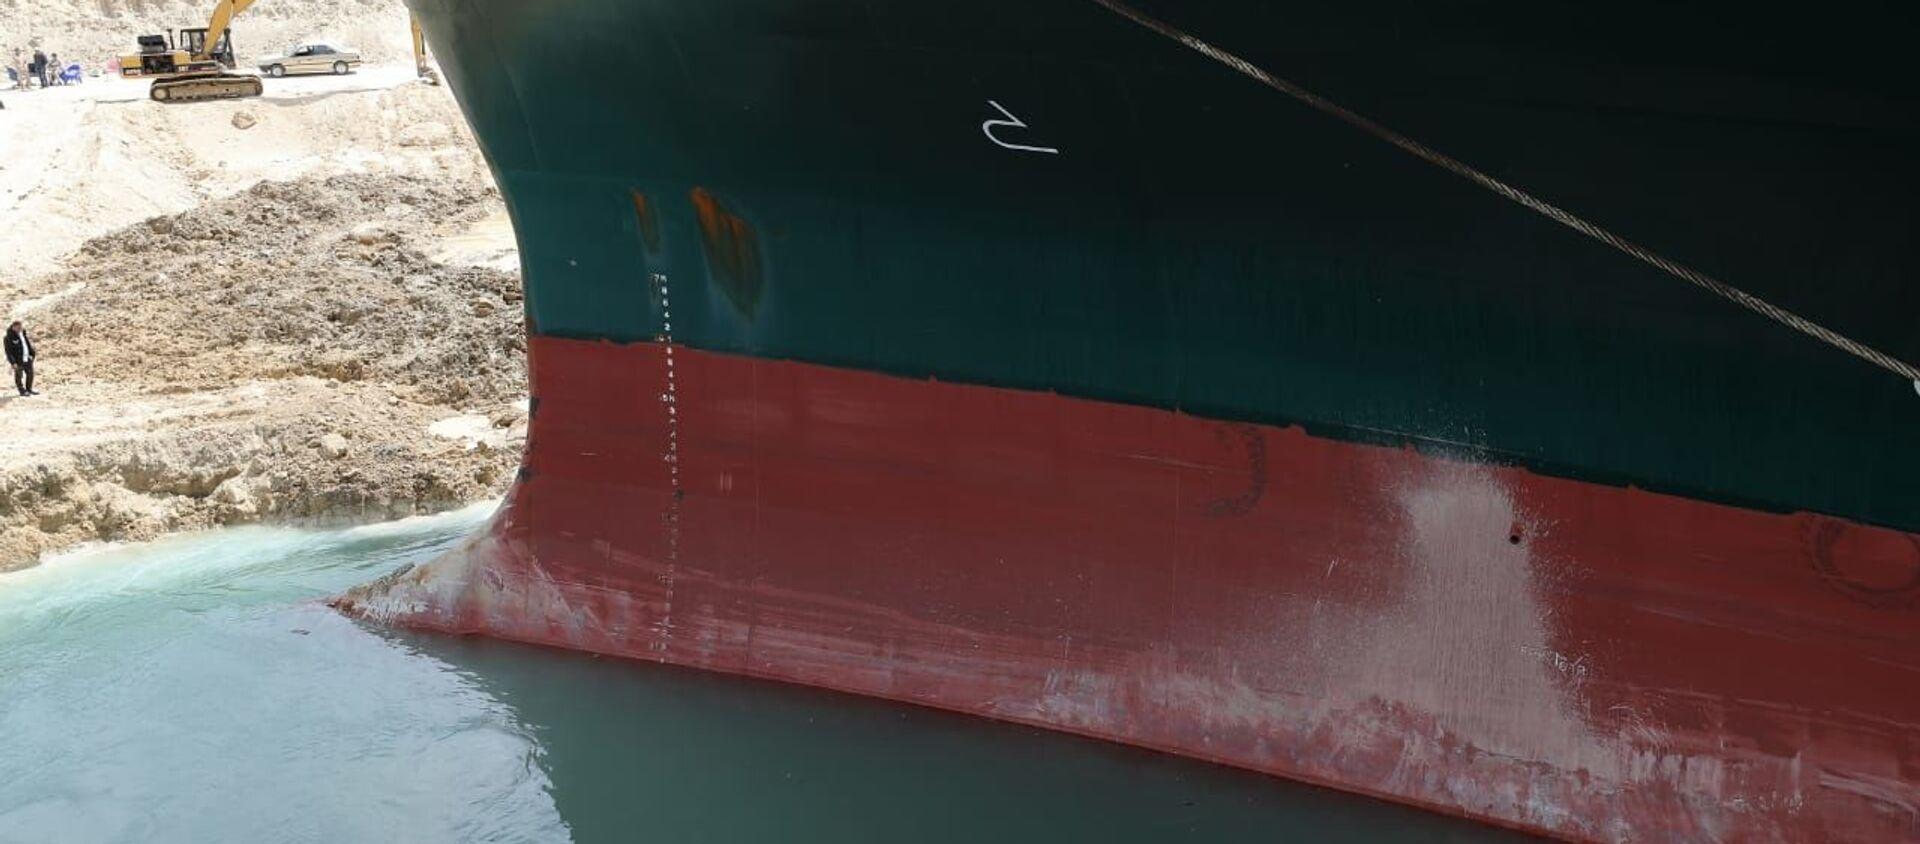 La nave Ever Given nel canale di Suez - Sputnik Italia, 1920, 14.04.2021